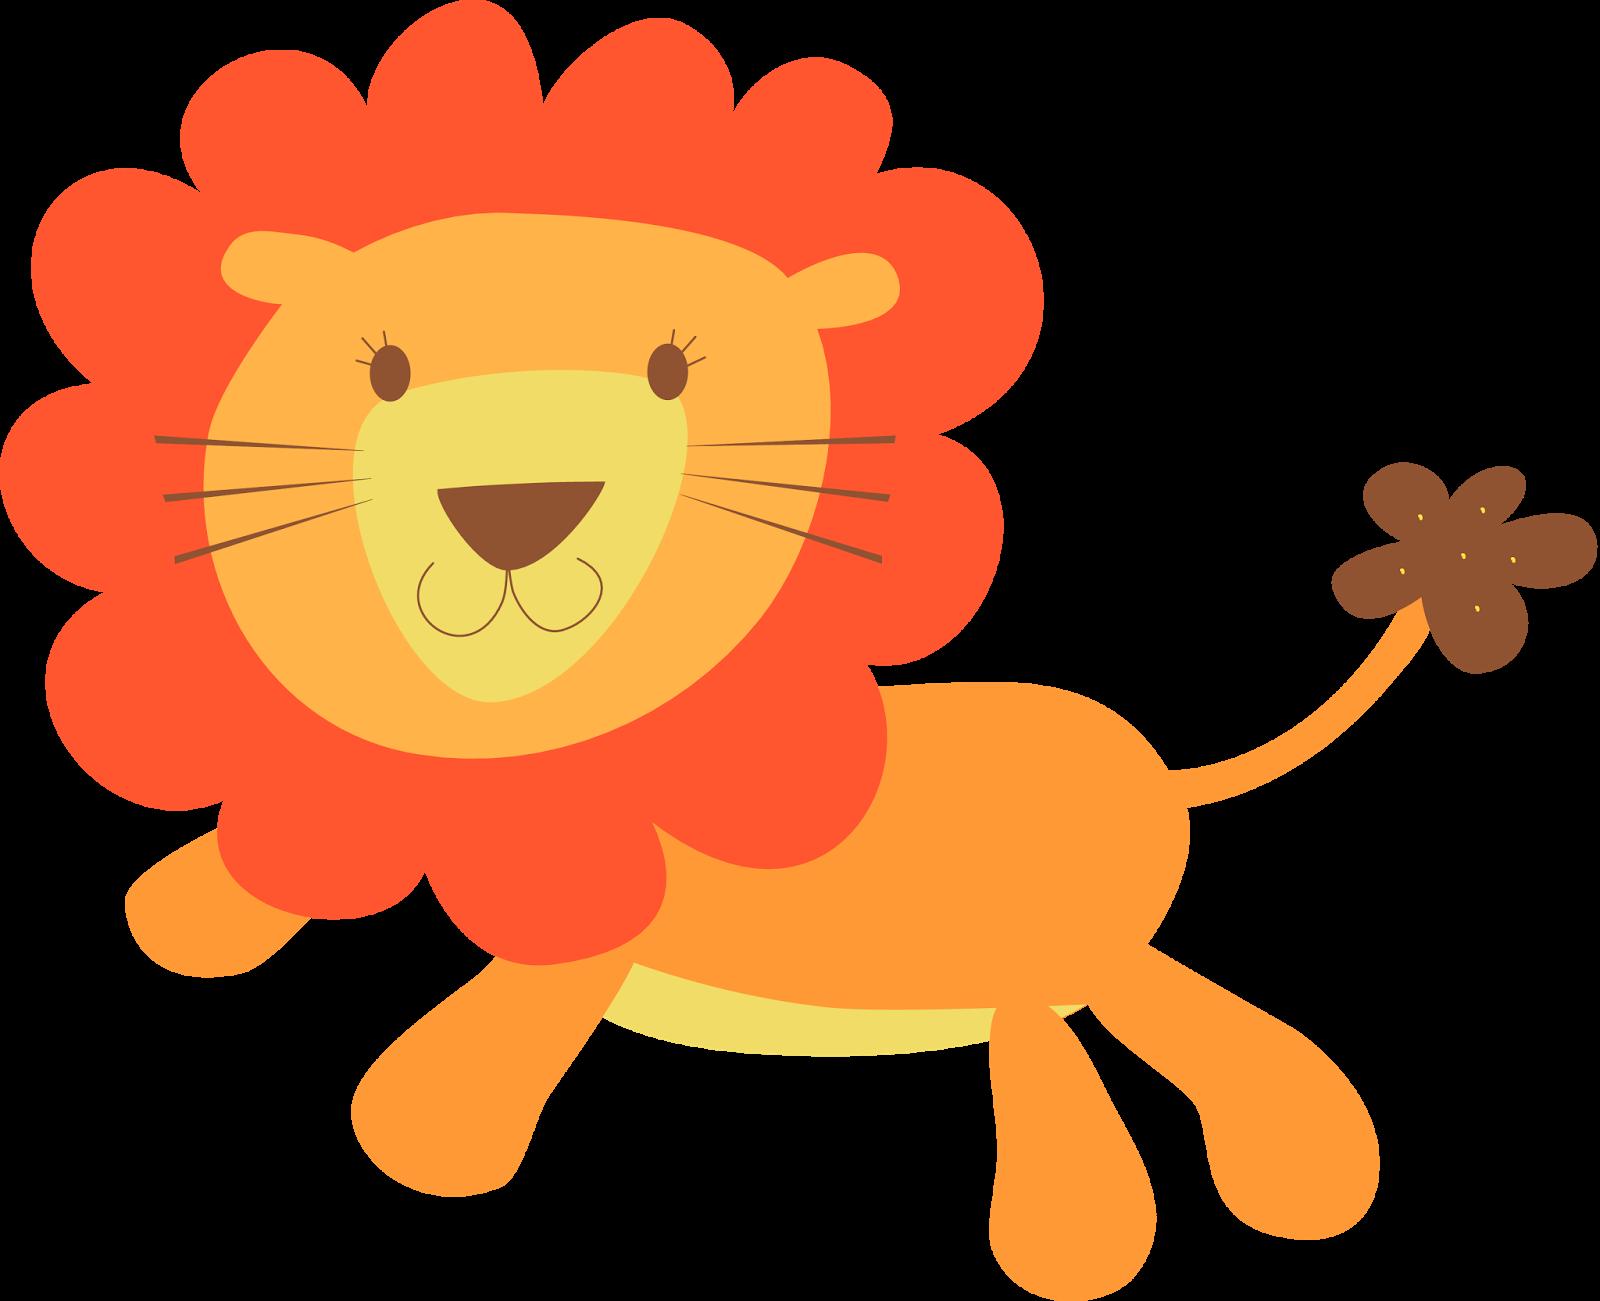 svg download Free face background download. Transparent lion kawaii